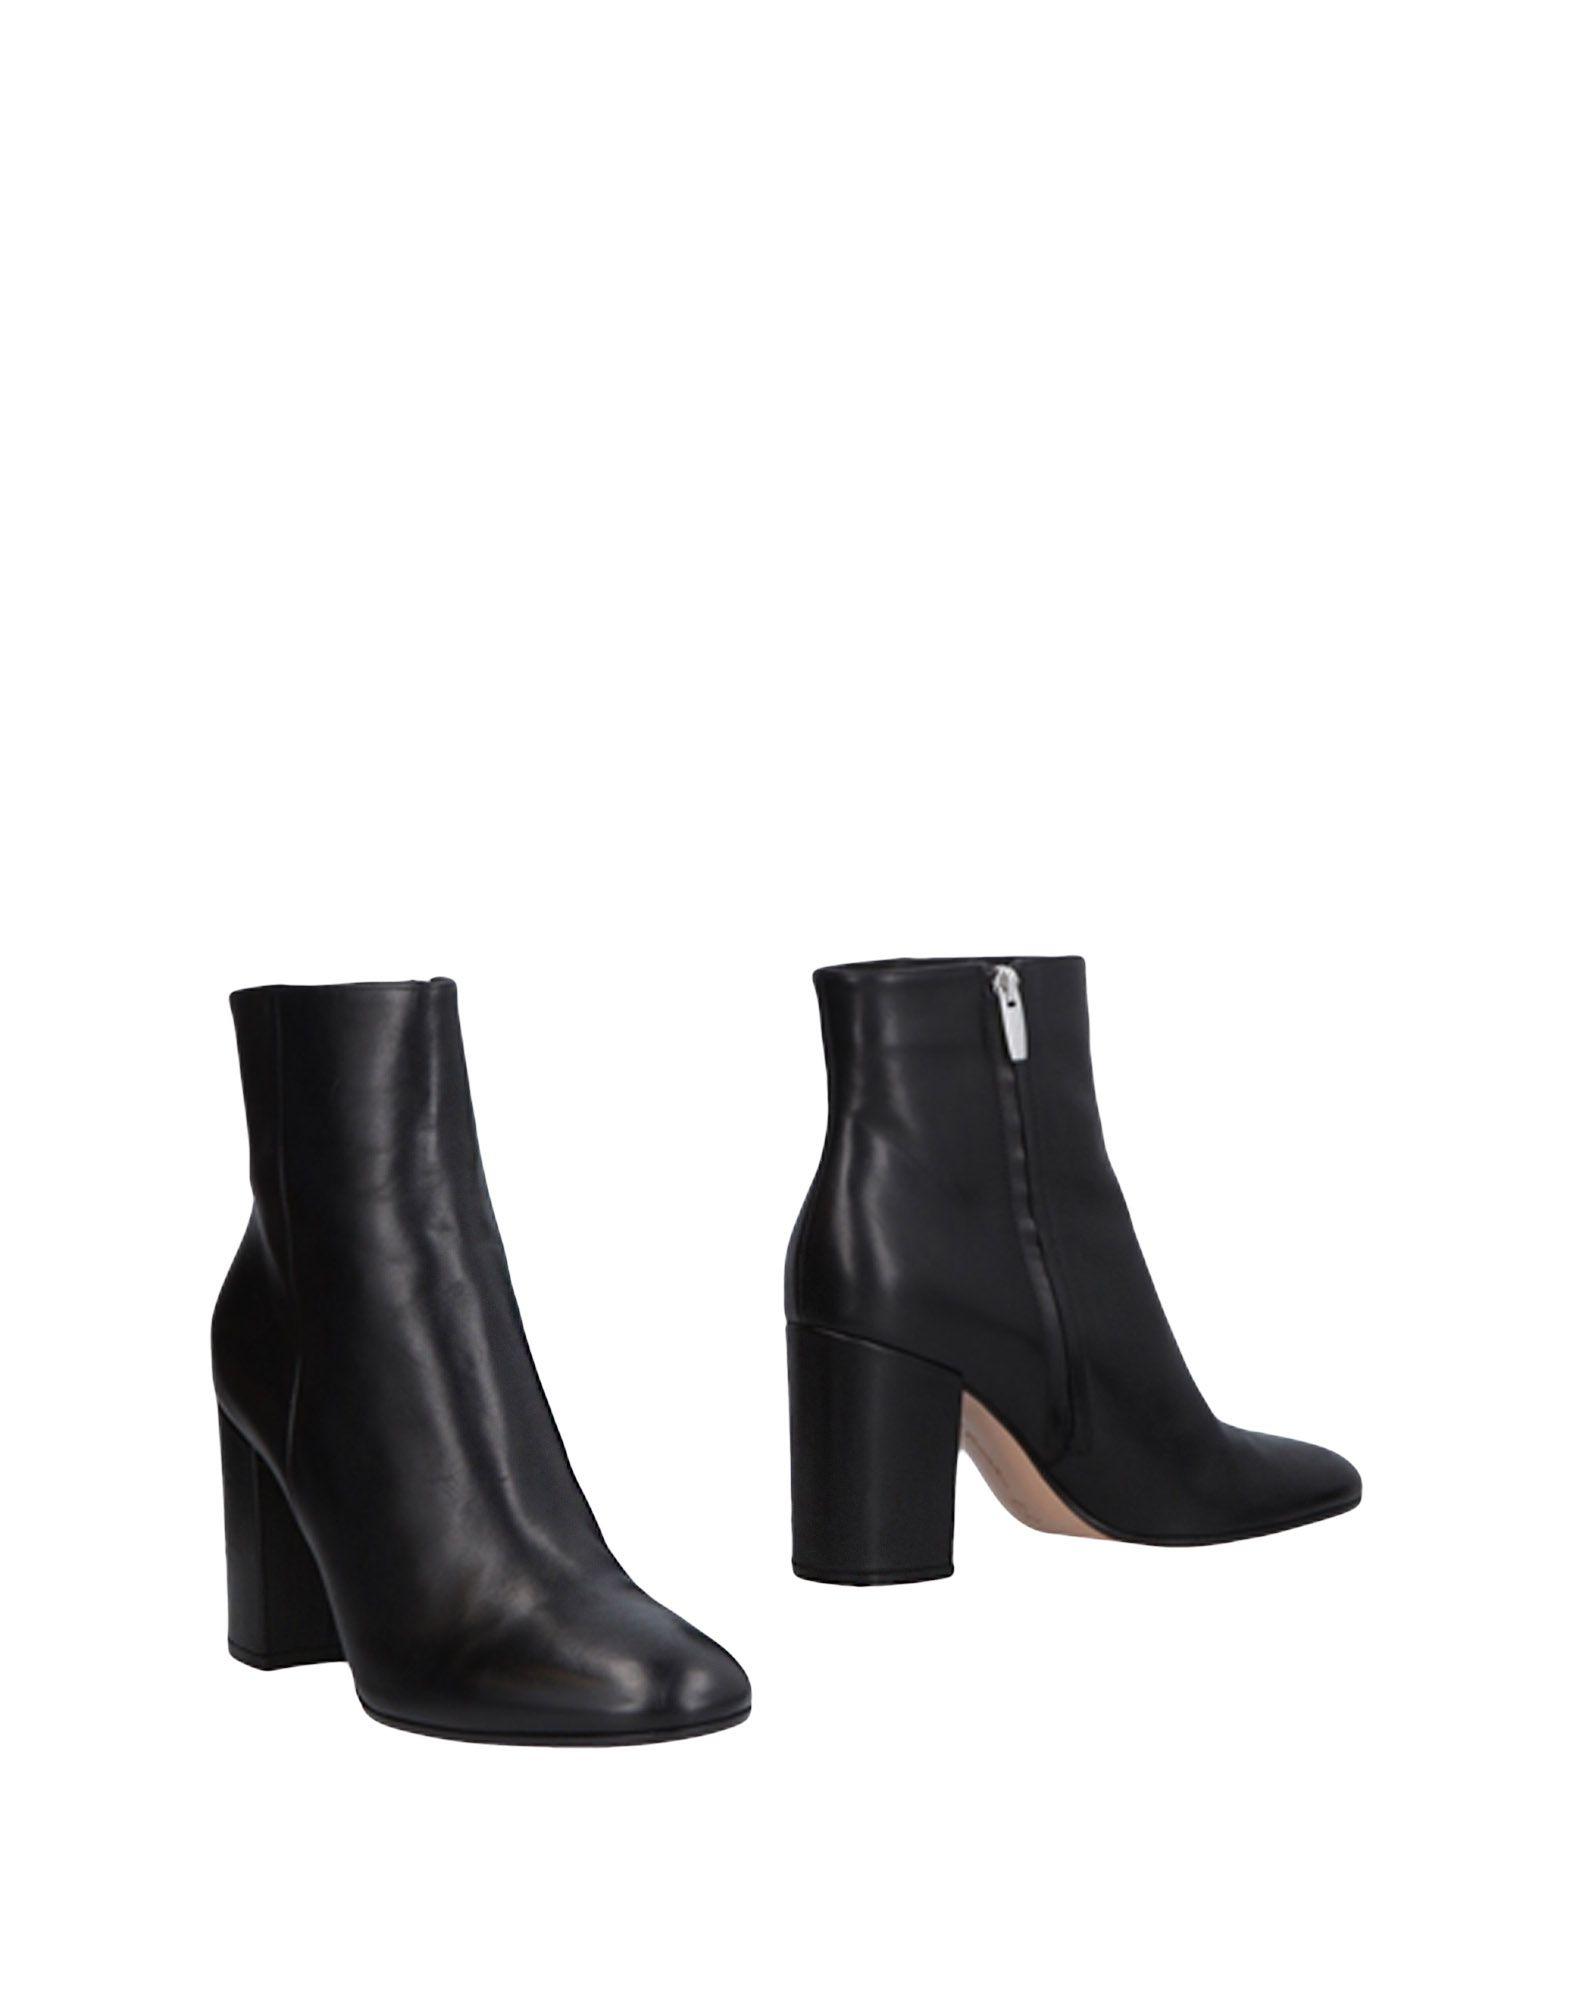 Gianvito Rossi Stiefelette Damen  11465212DAGünstige gut aussehende Schuhe